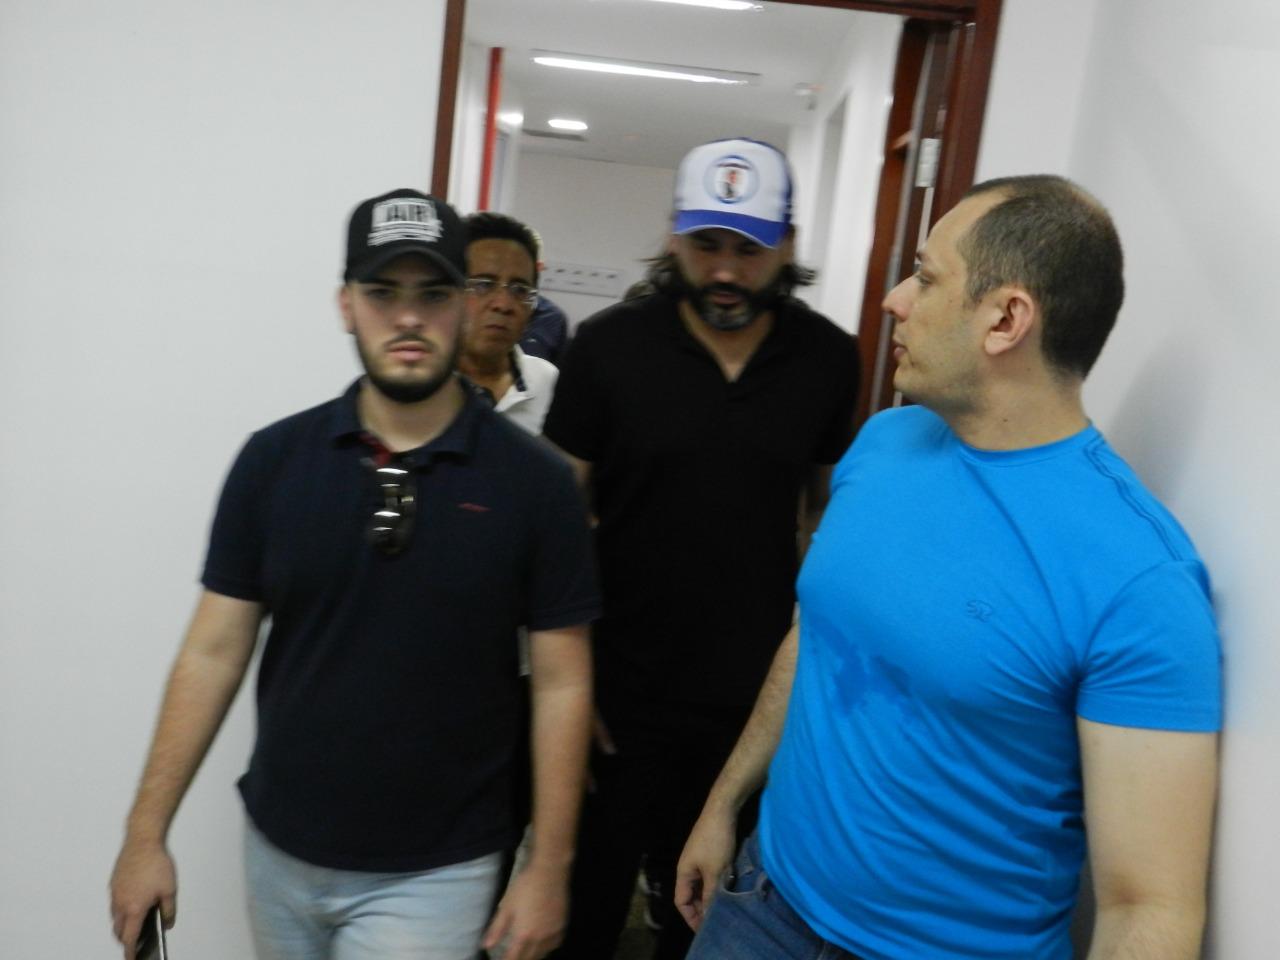 sobrinho 1 - Parente de Bolsonaro, 'Léo Índio' visita Paraíba e discute indicação de cargos federais no estado